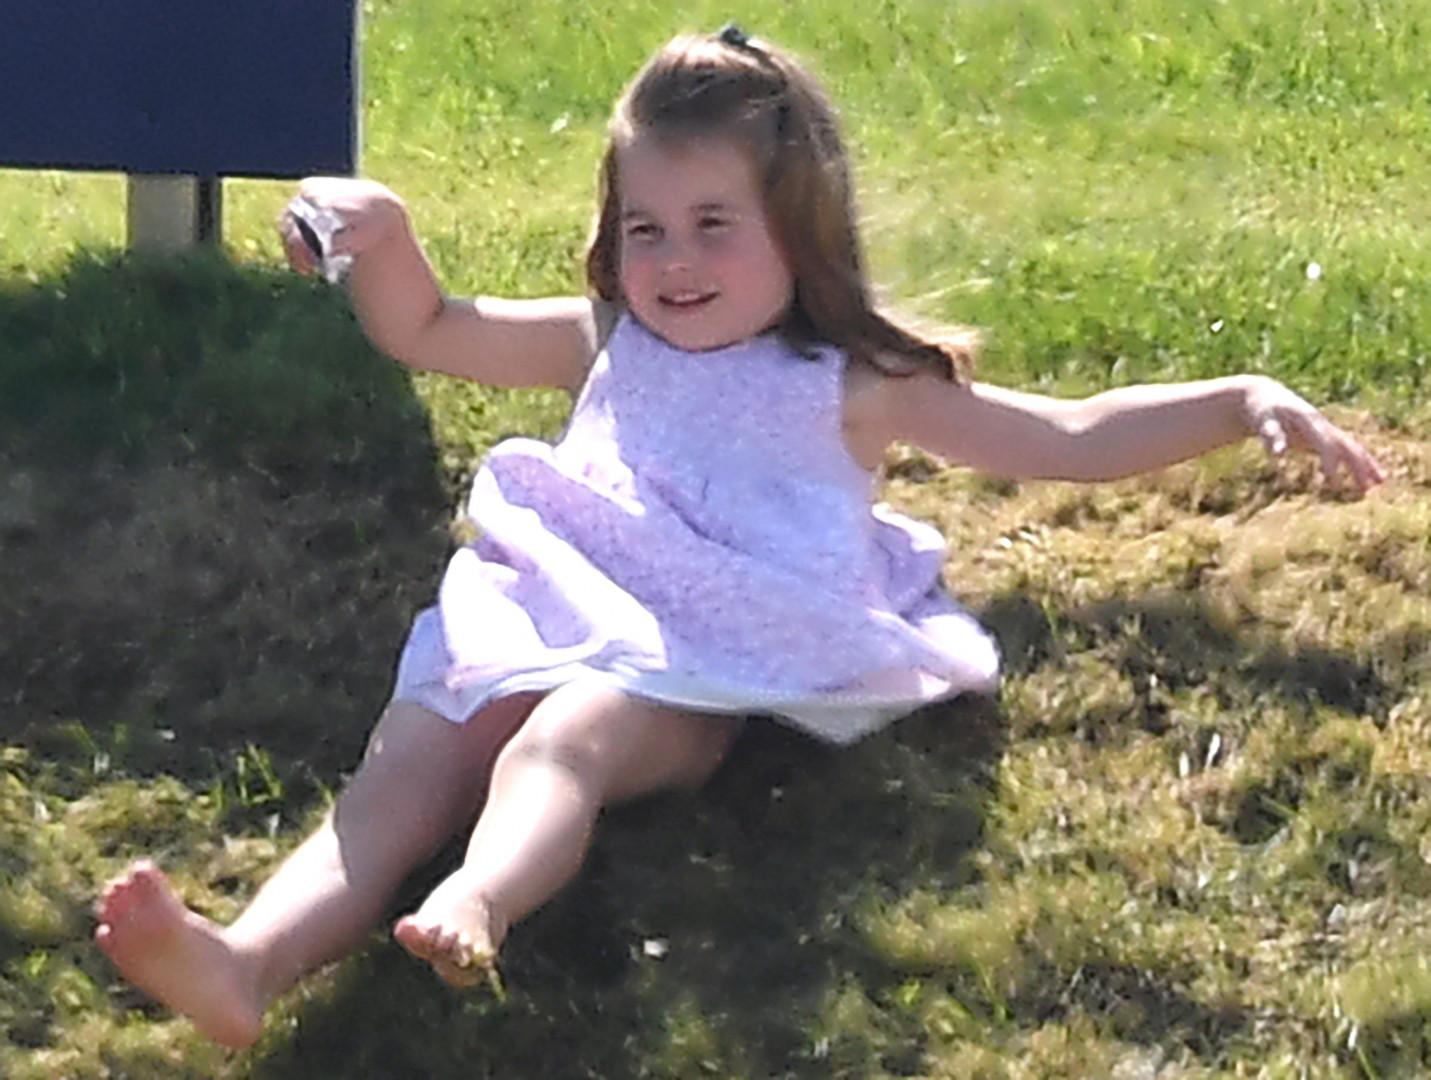 La princesse Charlotte s'en donne à cœur joie dans les glissades